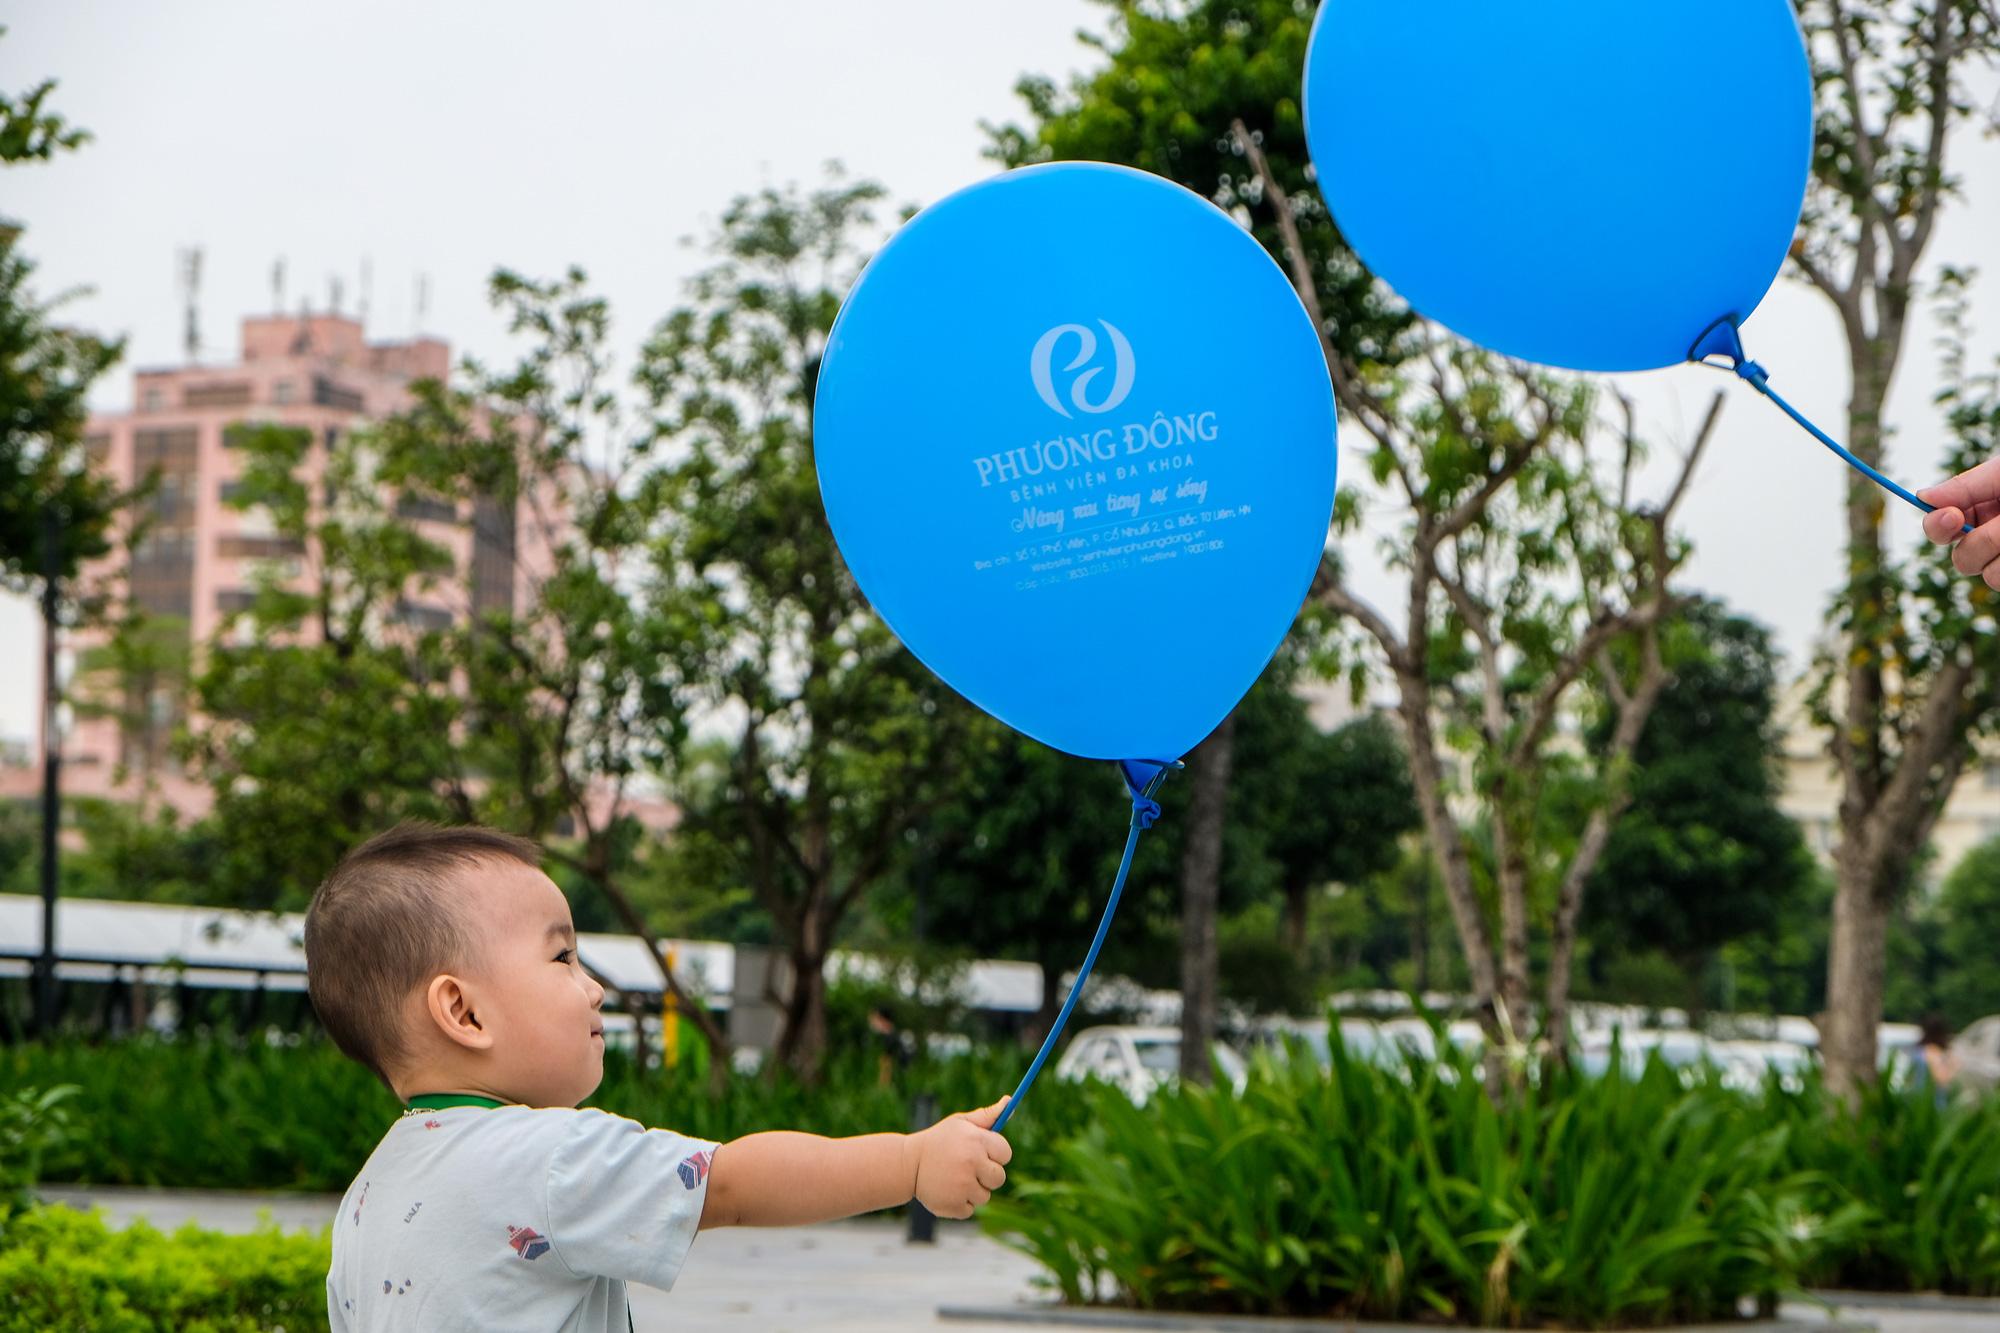 """Cuộc đầu tư mạo hiểm nhất của Shark Việt: Bệnh viện Khách sạn hàng ngàn cây xanh – nơi """"dưỡng thân tâm"""" của người dân Thủ đô - Ảnh 2."""